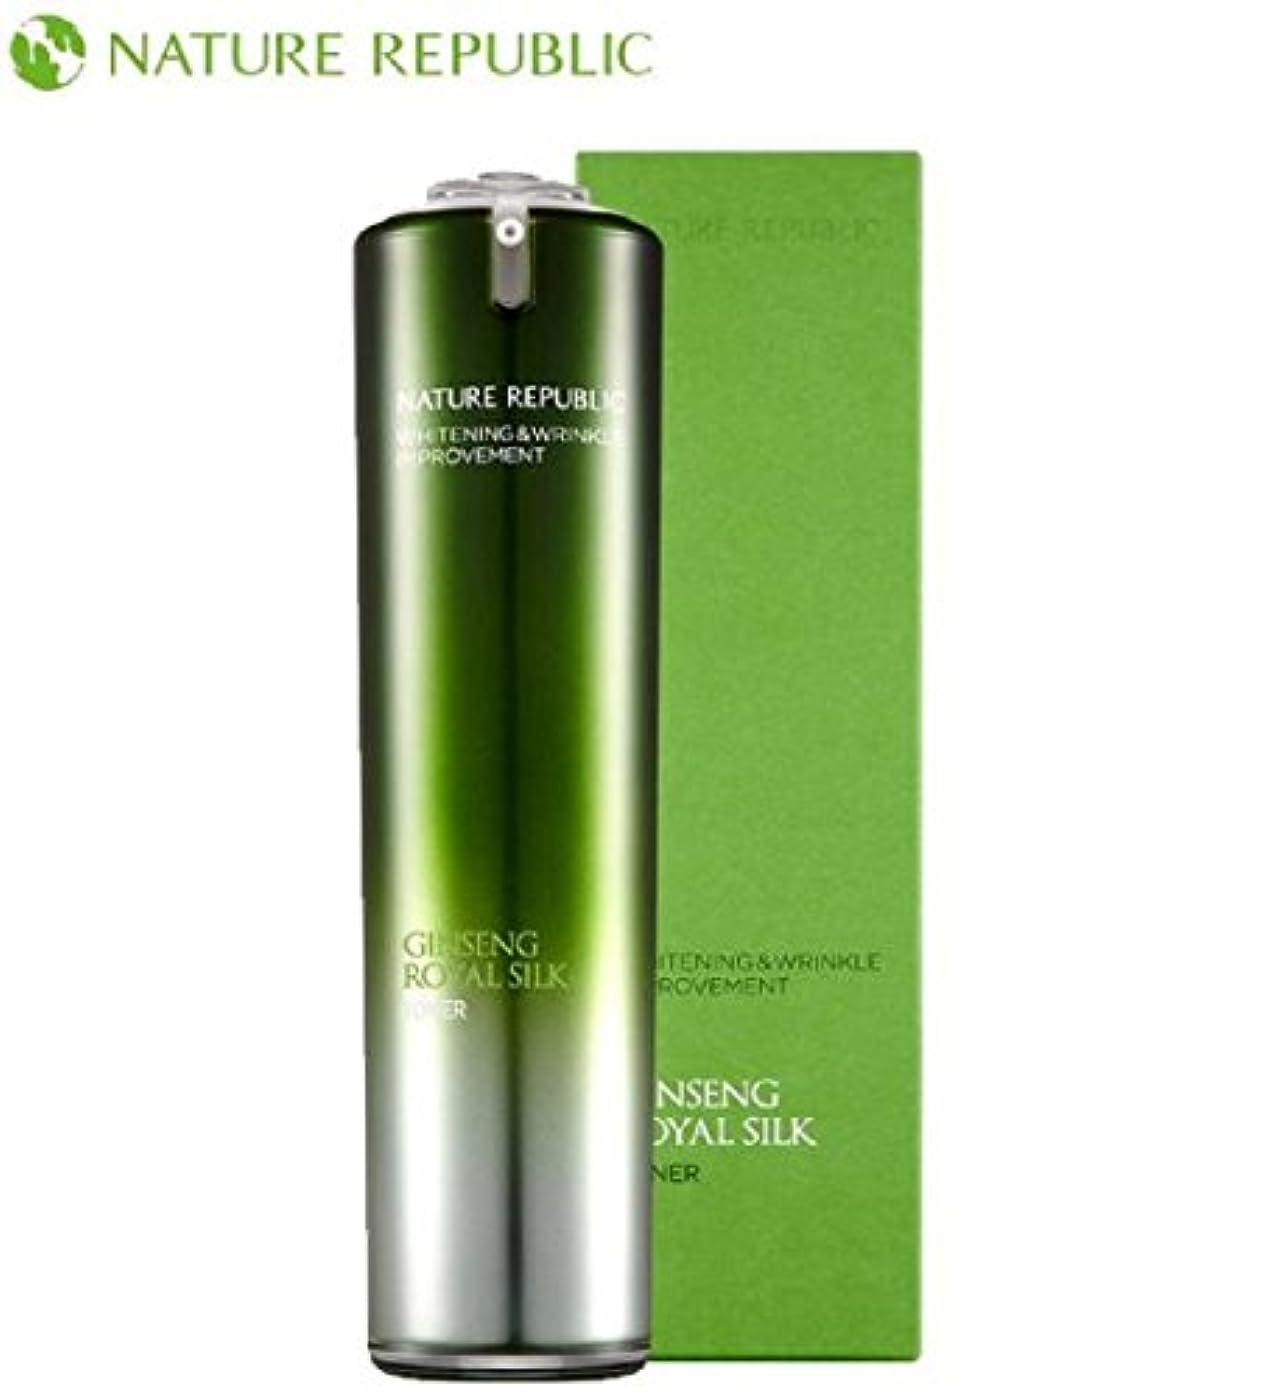 しゃがむ文明化する揃える正規輸入品 NATURE REPUBLIC(ネイチャーリパブリック) RY トナー GI 化粧水 120ml NL8651